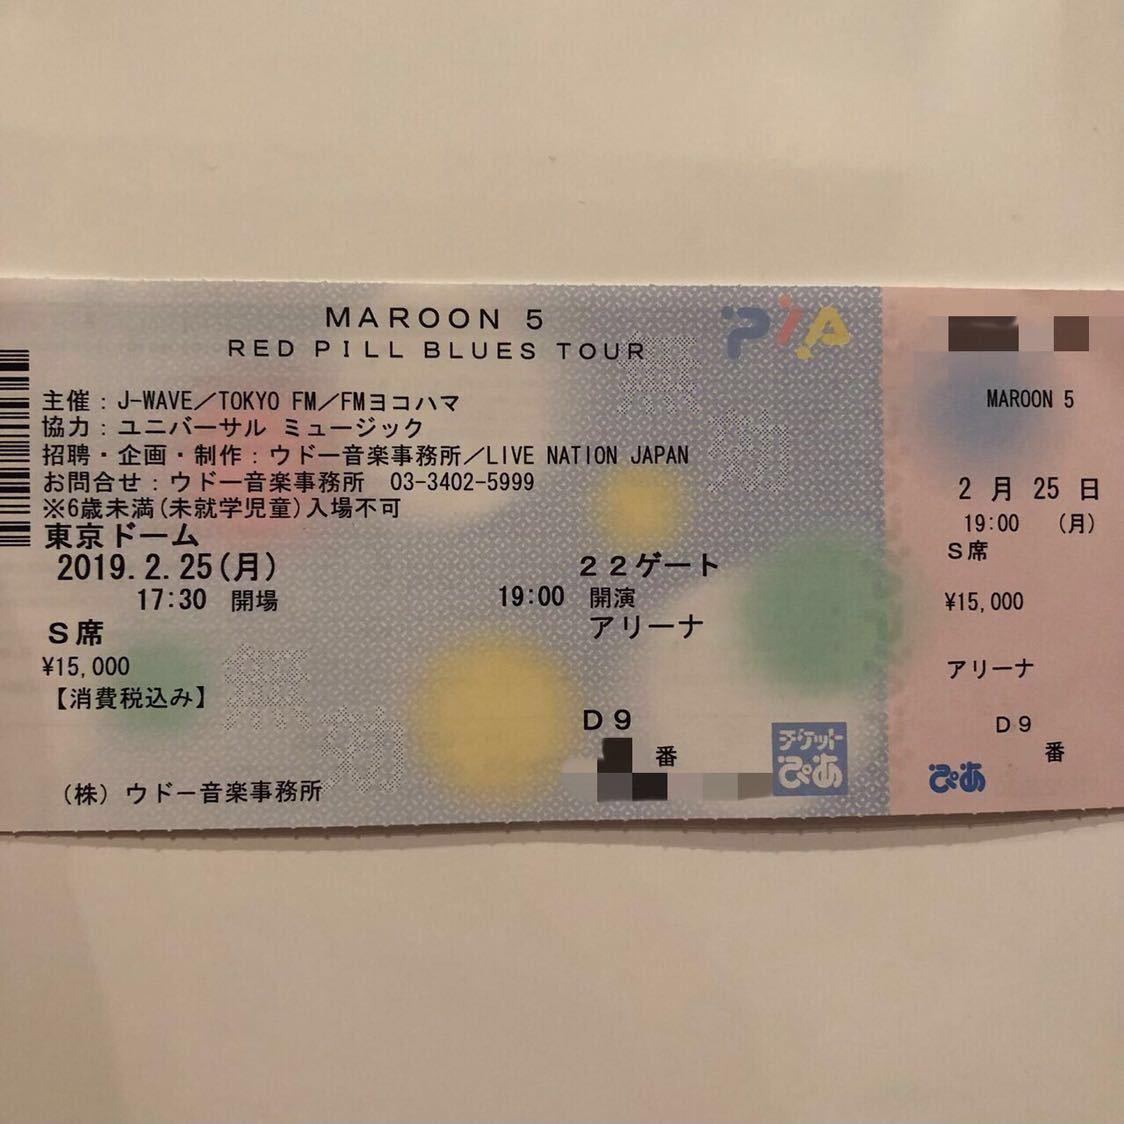 MAROON 5 RED PILL BLUES TOUR マルーン5 2/25 東京ドーム S席 チケット アリーナ D9